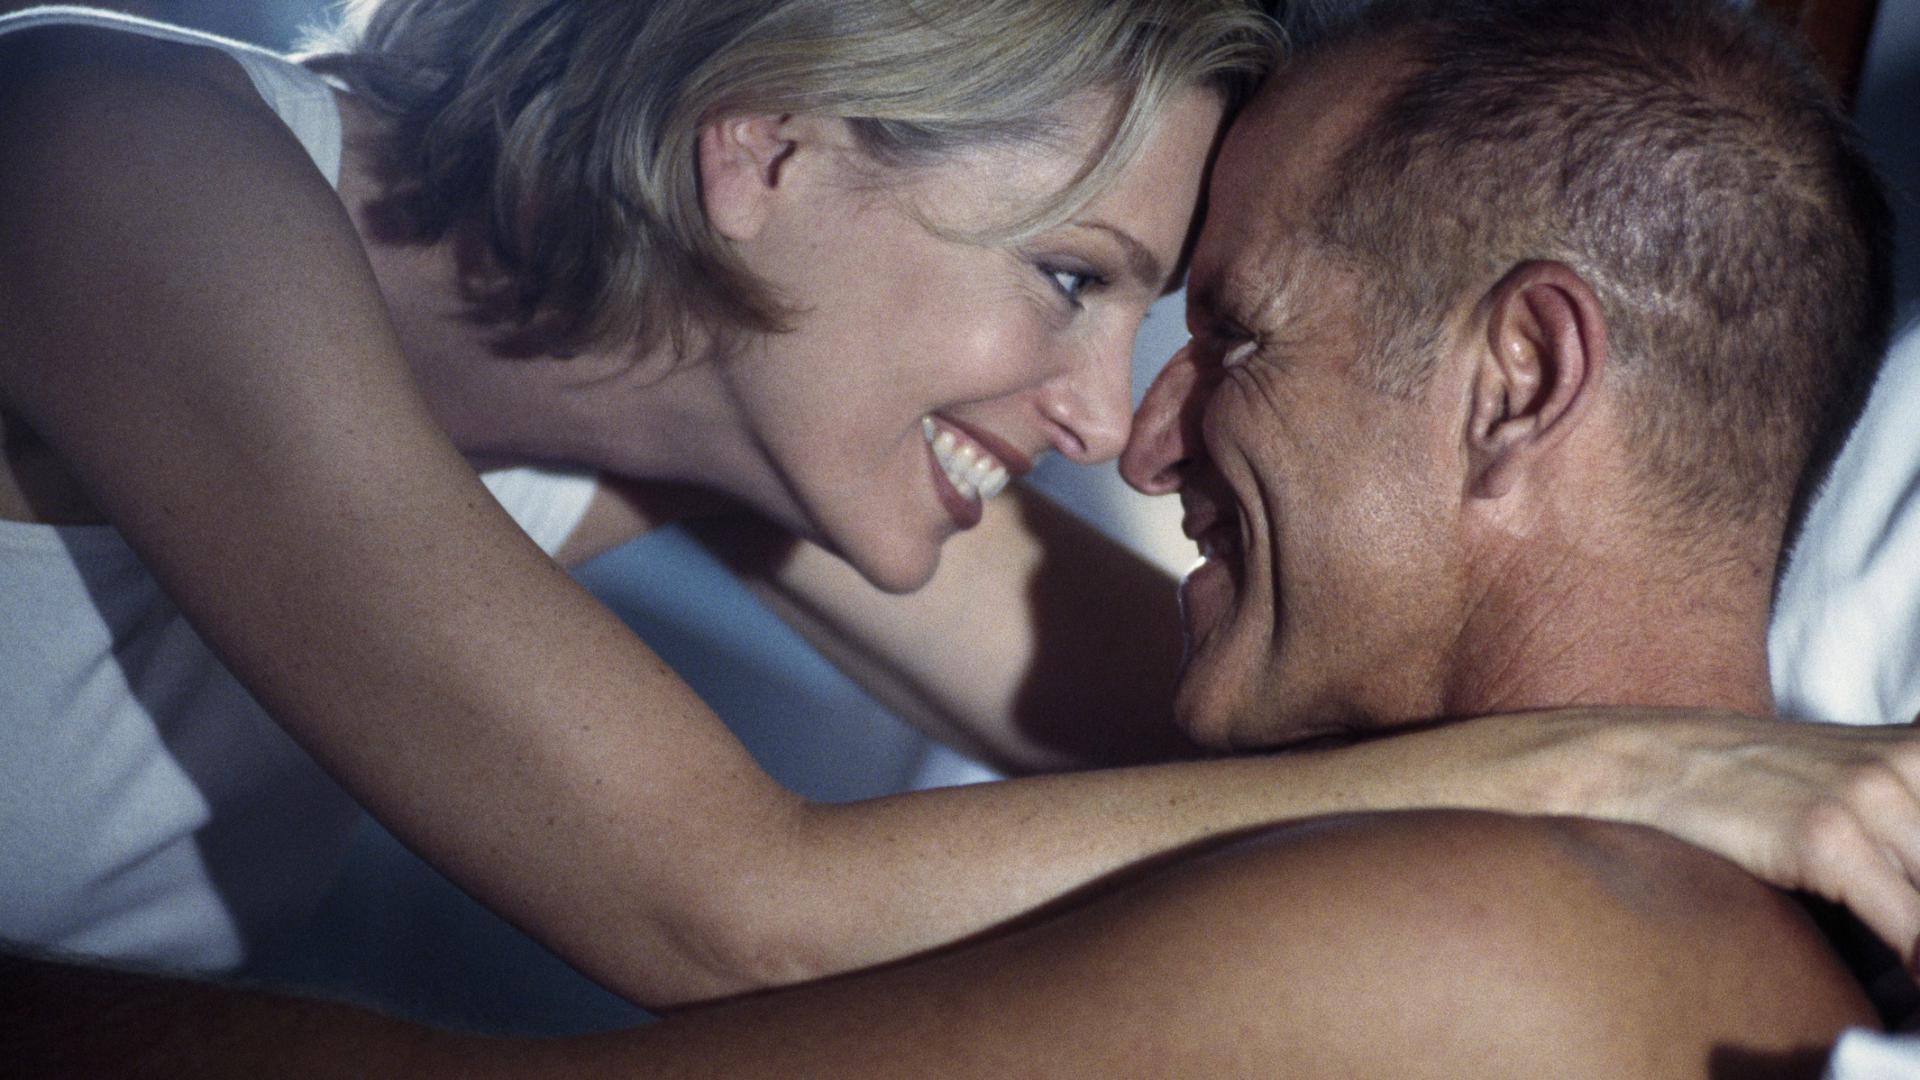 Колко често правим секс според възрастта